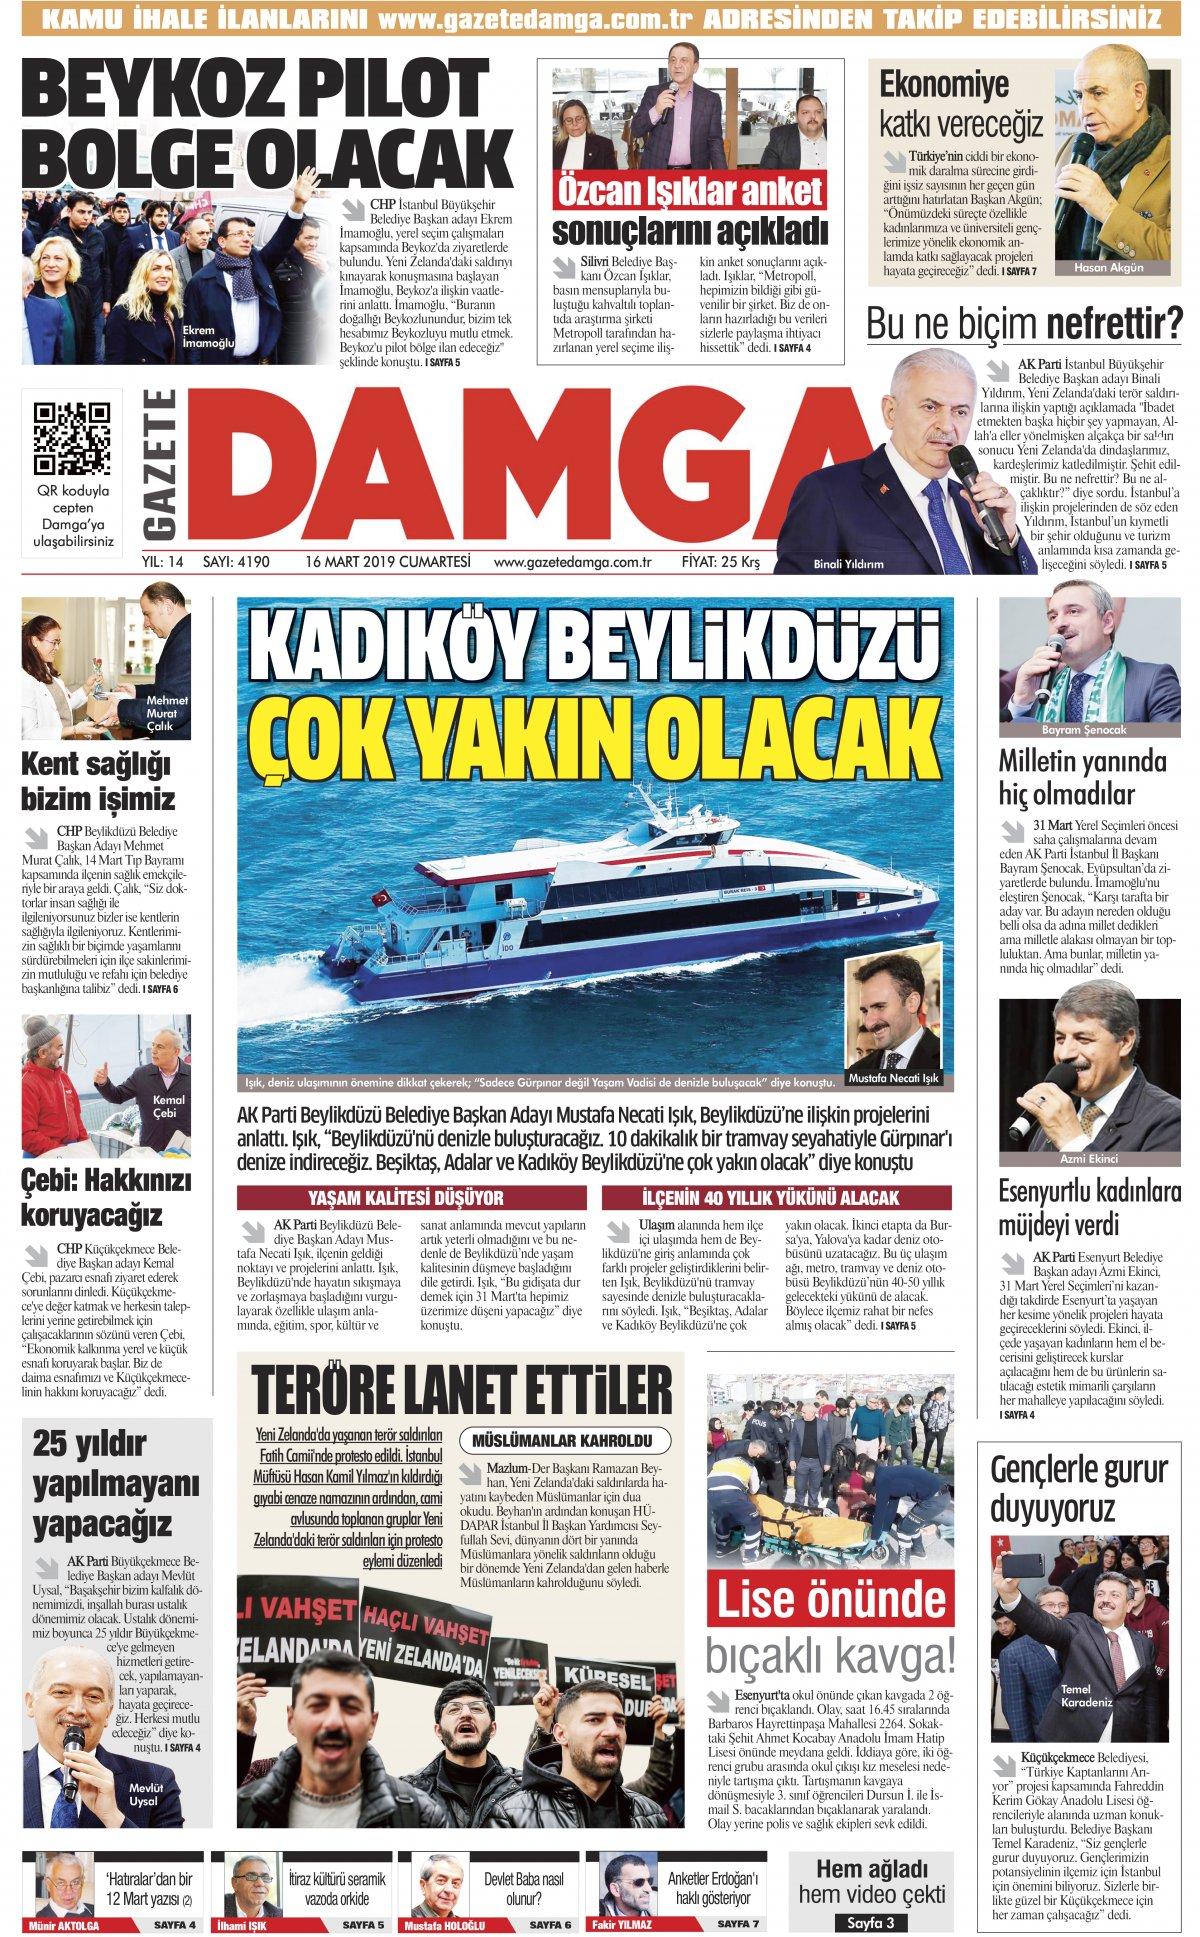 Gazete Damga - 16.03.2019 Sayfaları